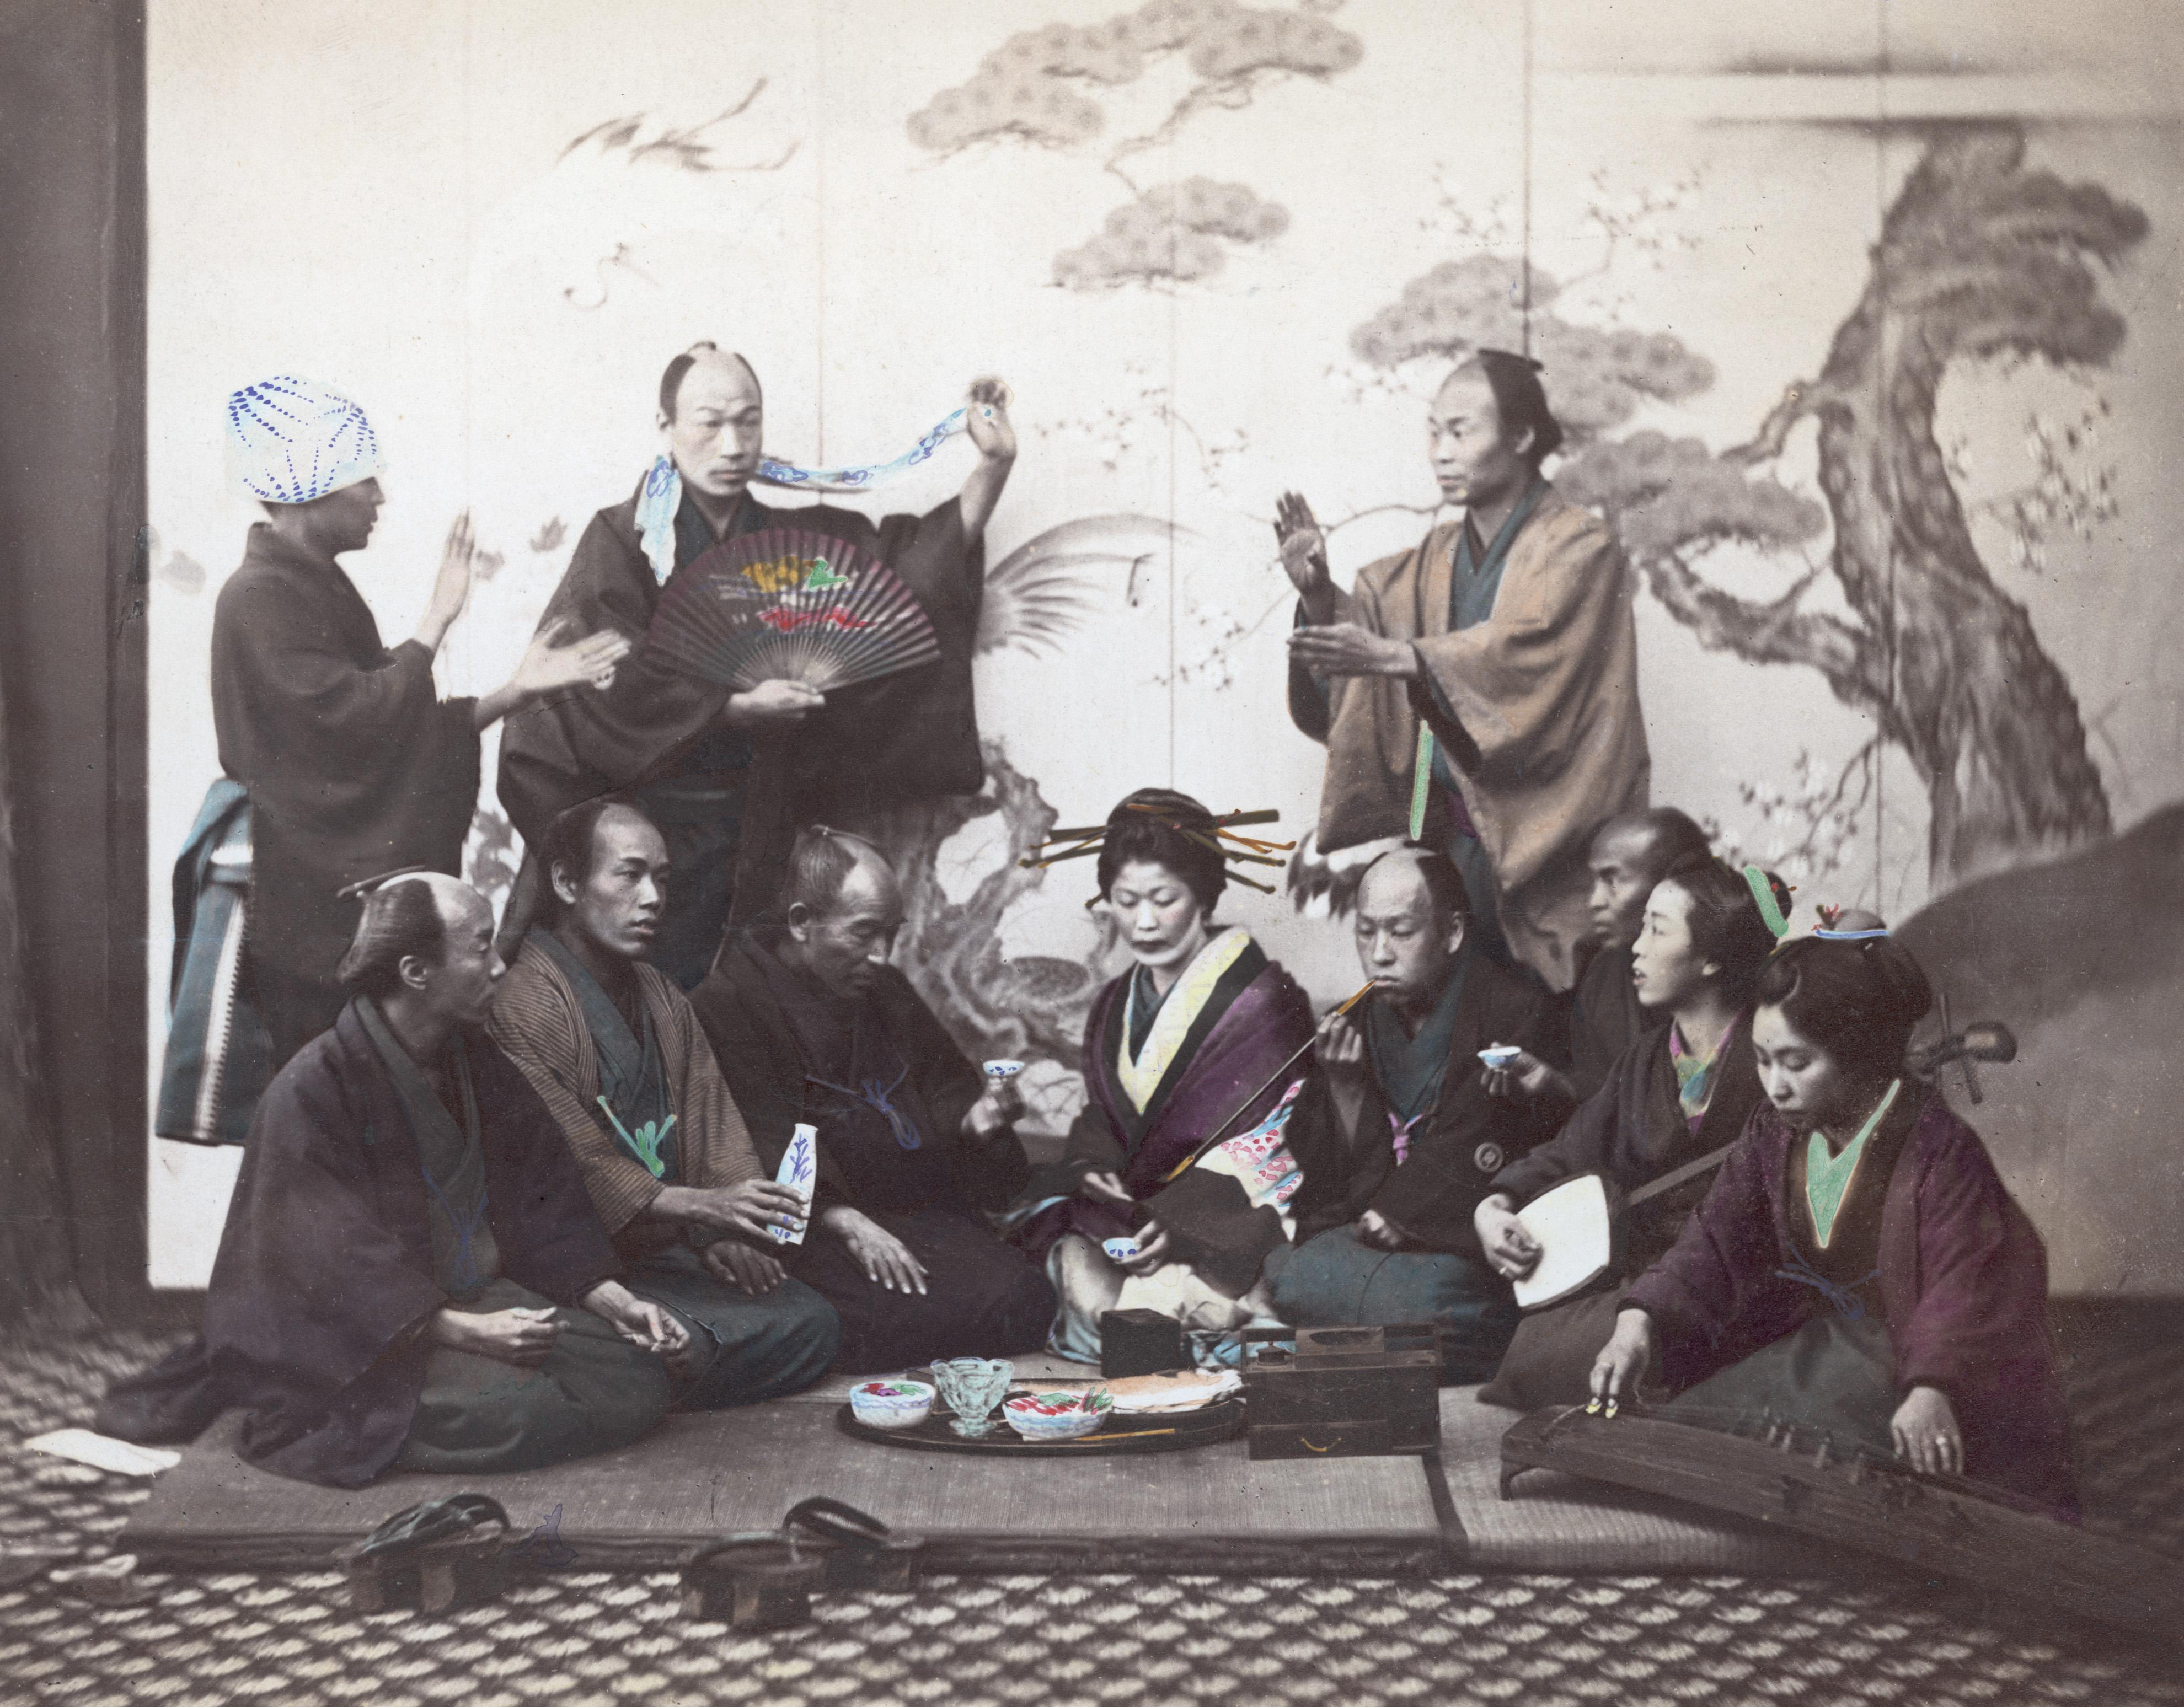 Застолье в Японии. Две дамы справа играют сямисэн и кото. Примерно 1865